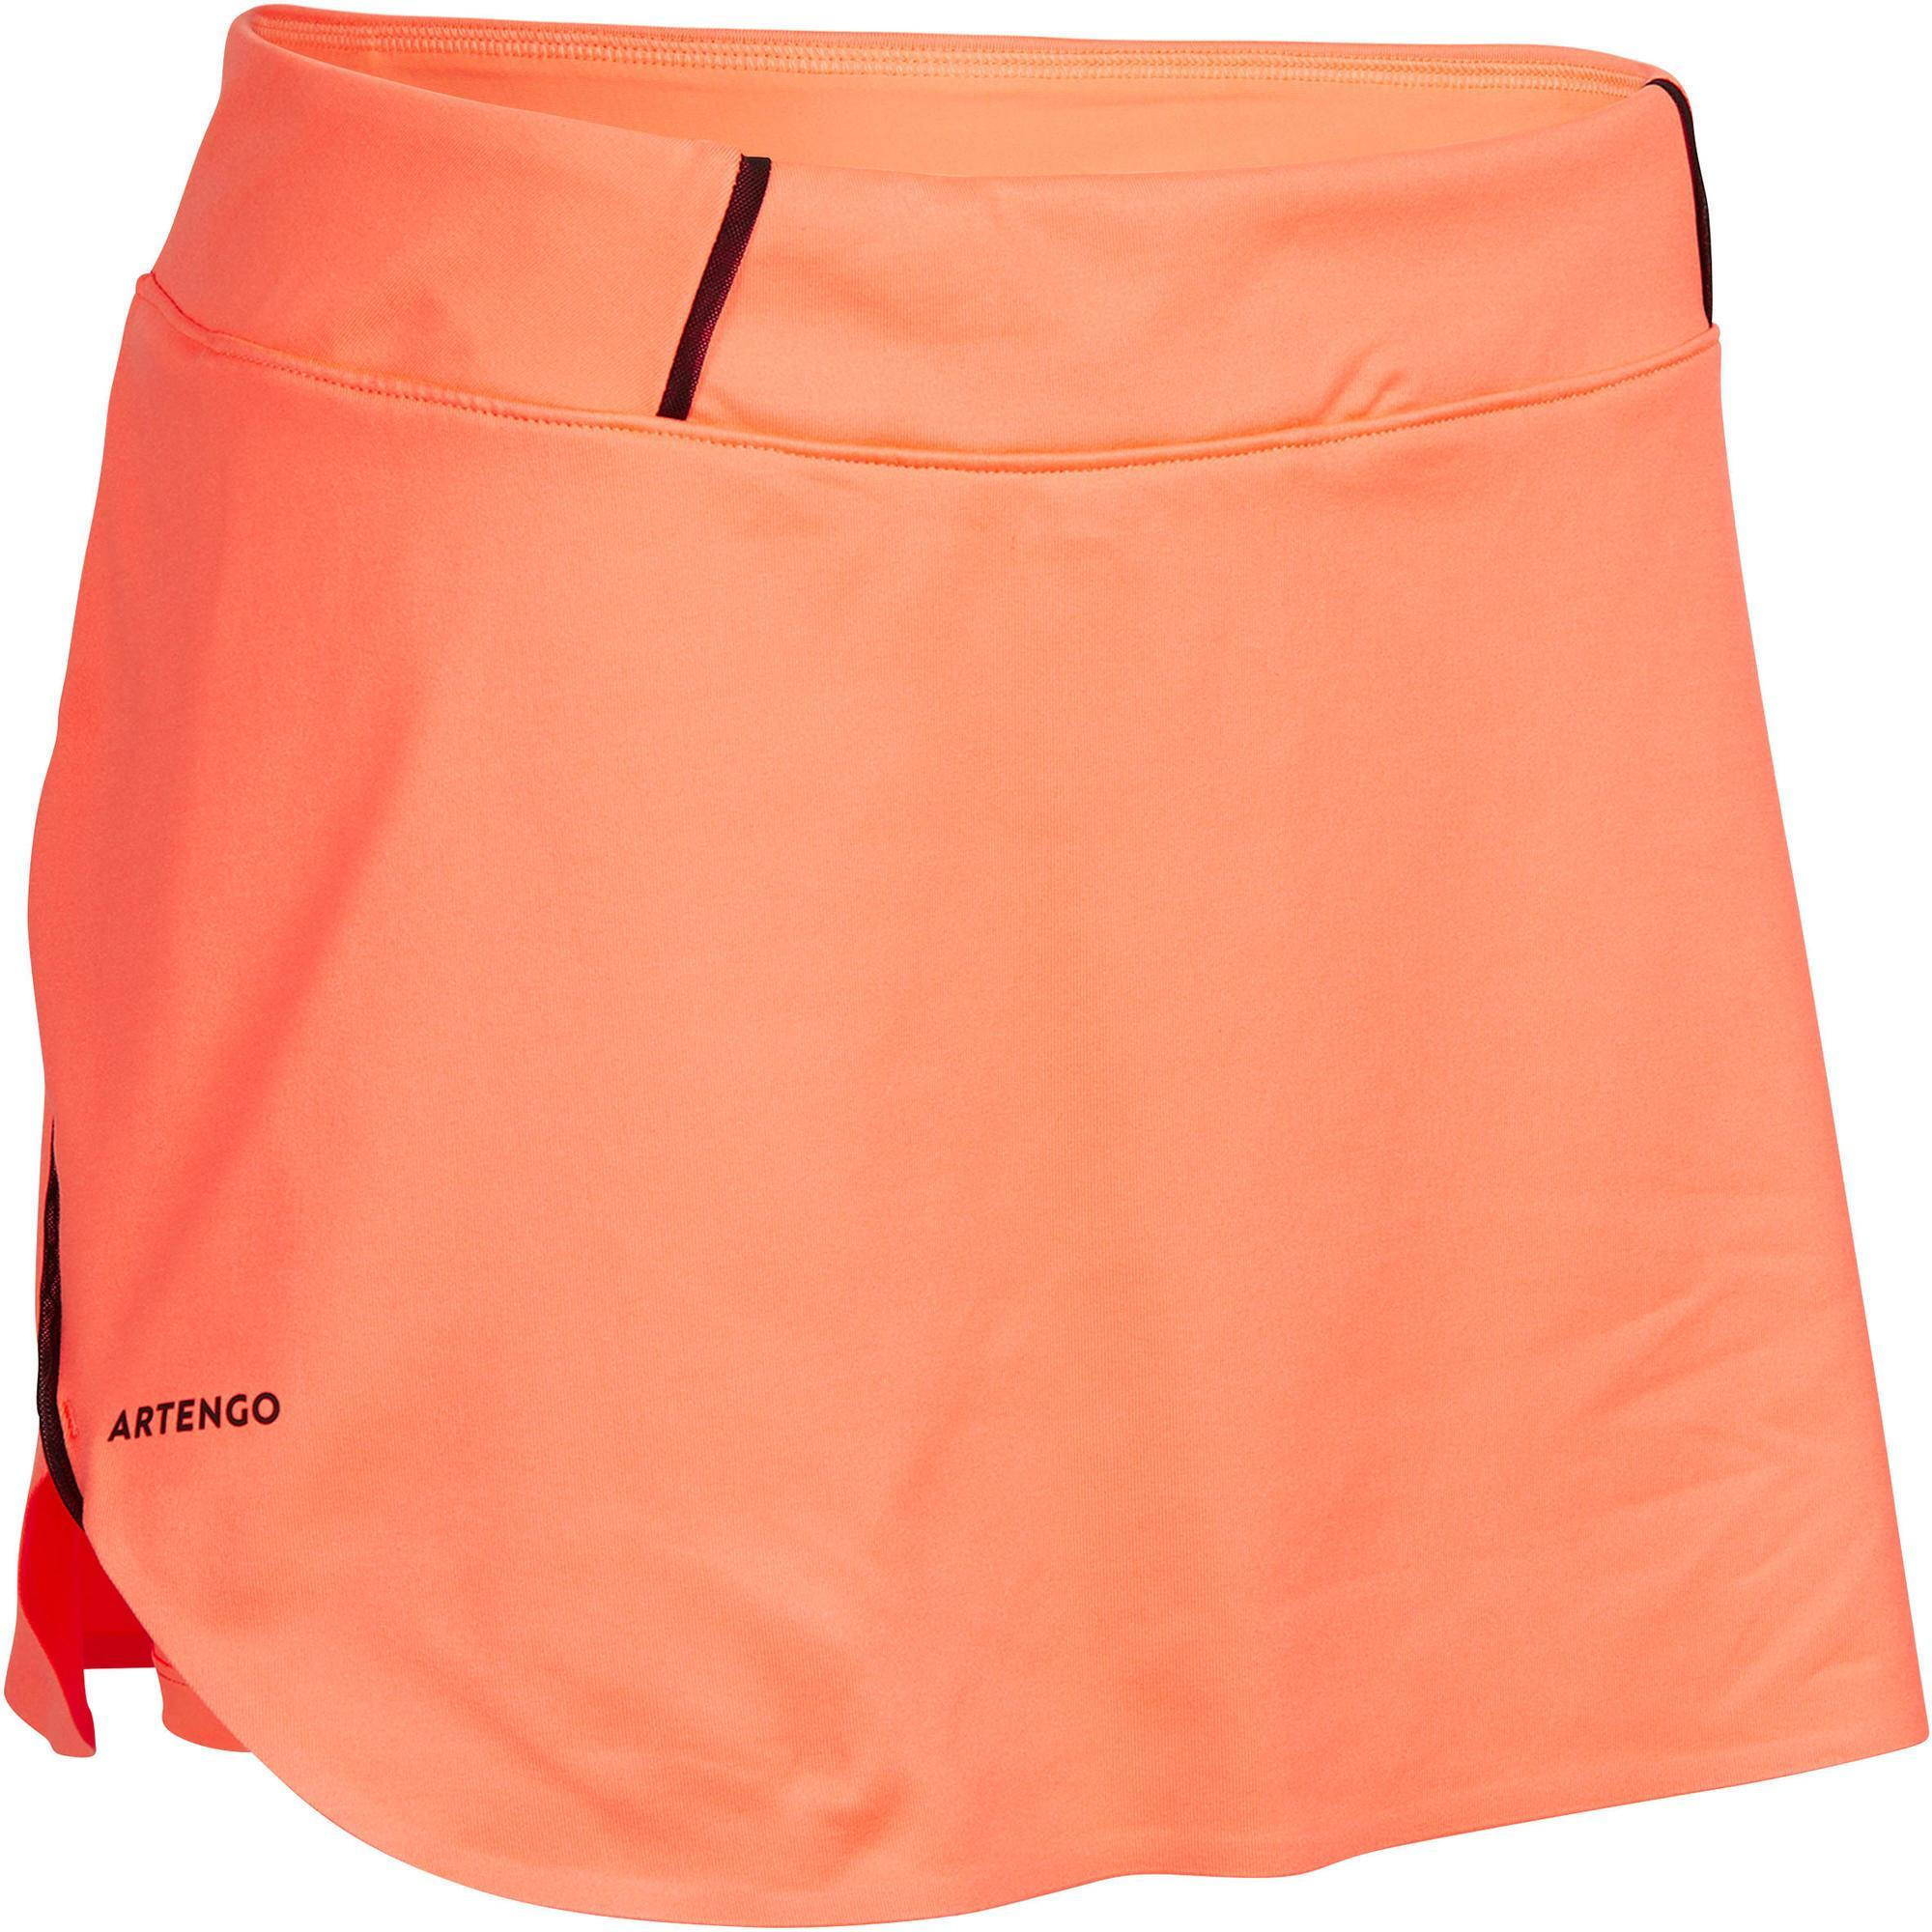 Tennisrock SK Light 990 Damen orange | Sportbekleidung > Sportröcke | Orange - Rosa - Schwarz | Artengo